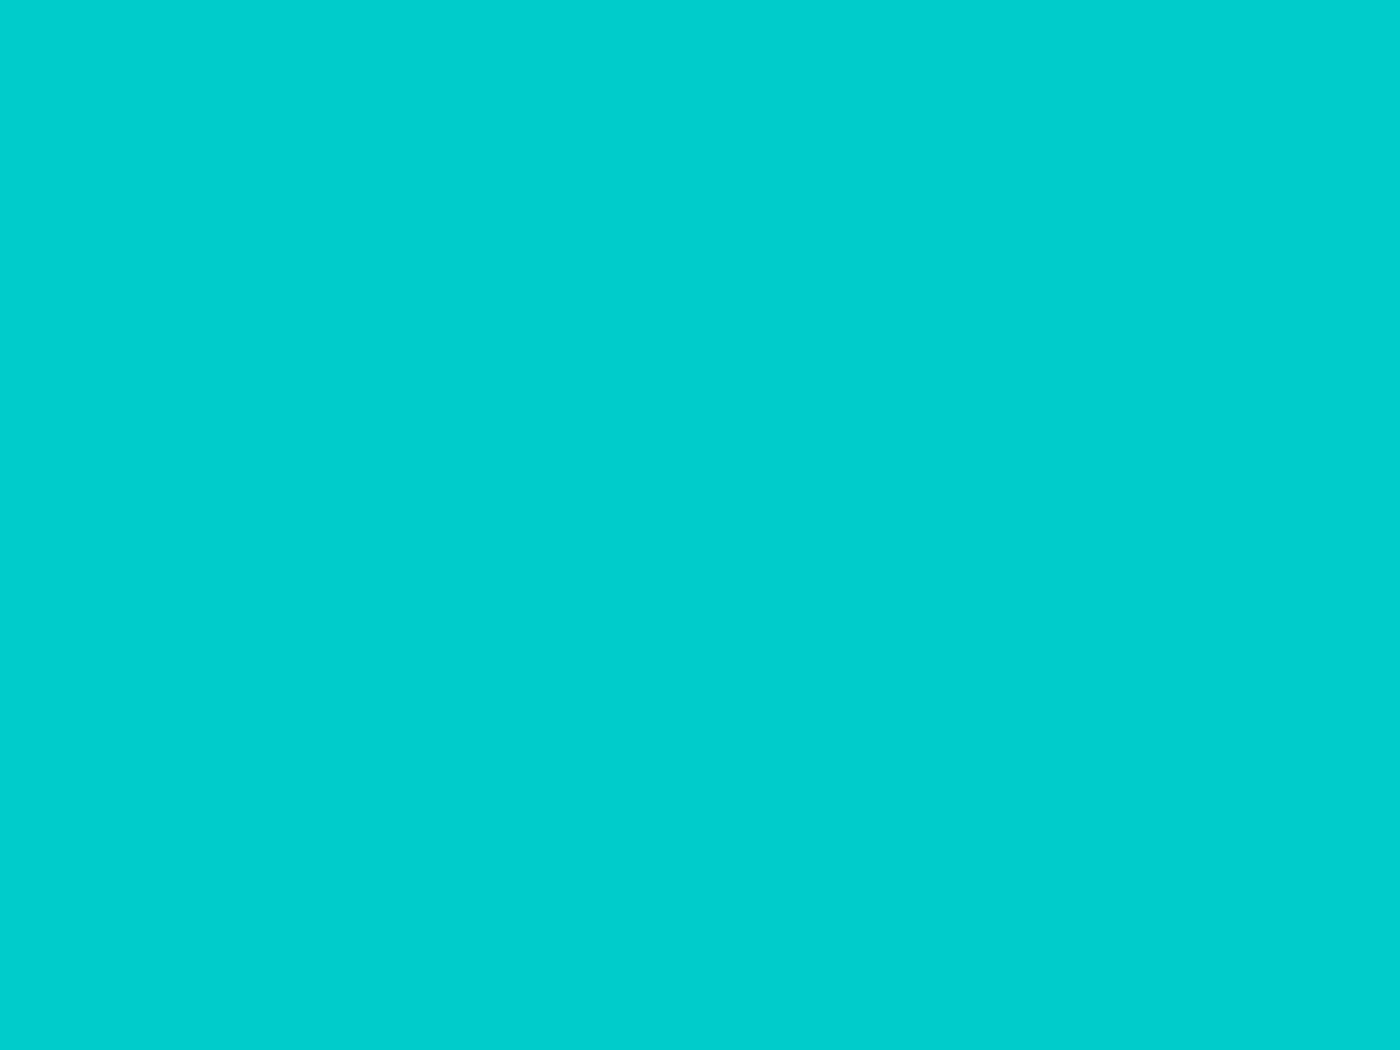 1400x1050 Robin Egg Blue Solid Color Background